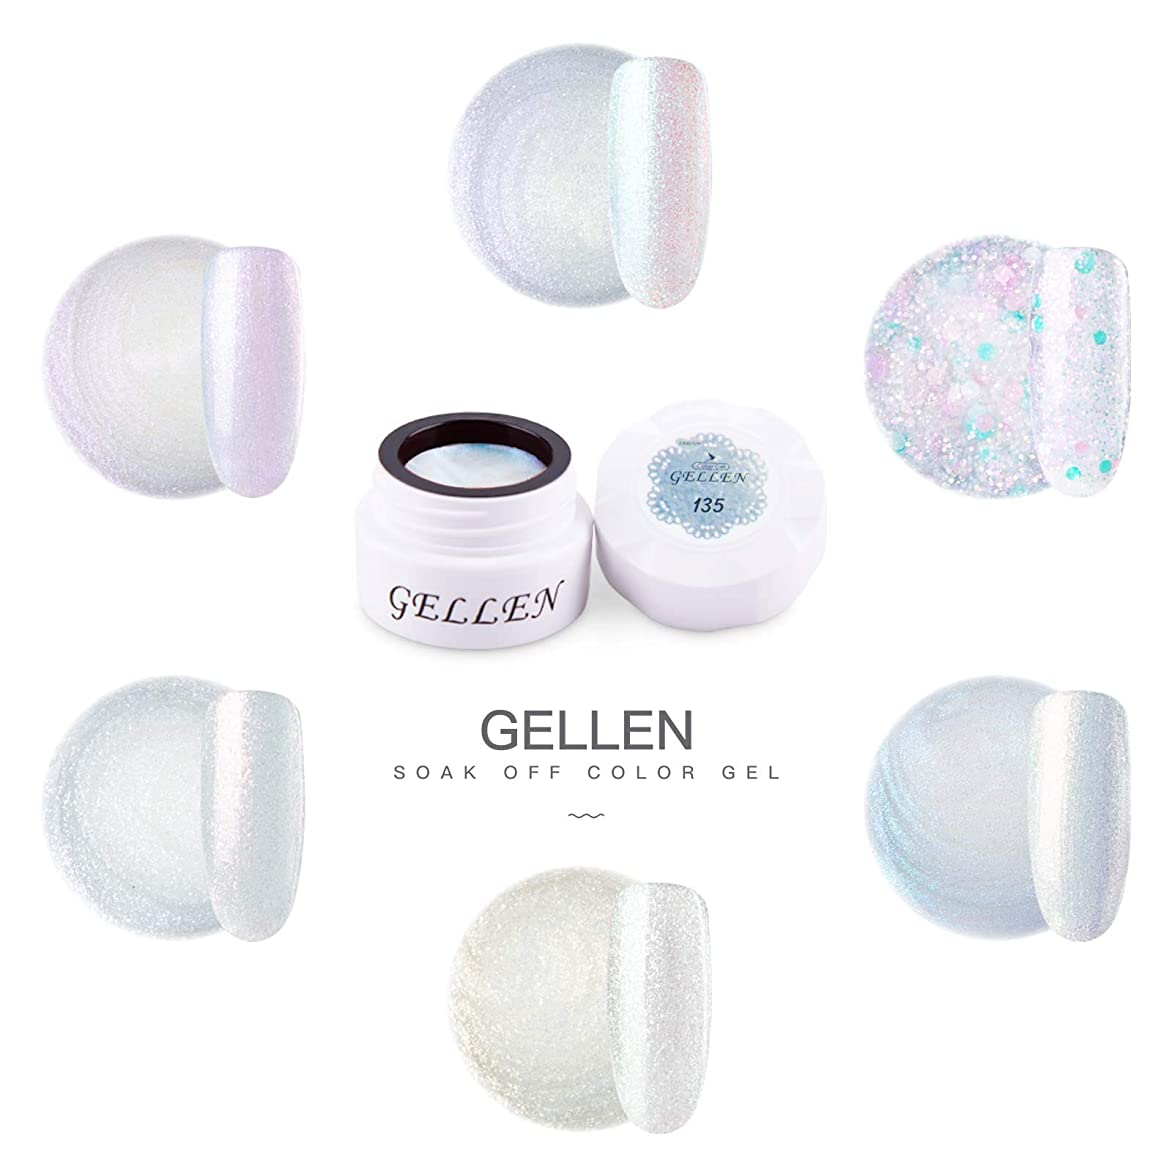 元気な盟主暴行Gellen カラージェル 6色 セット[オーロラ カラー系]高品質 5g ジェルネイル カラー ネイルブラシ付き